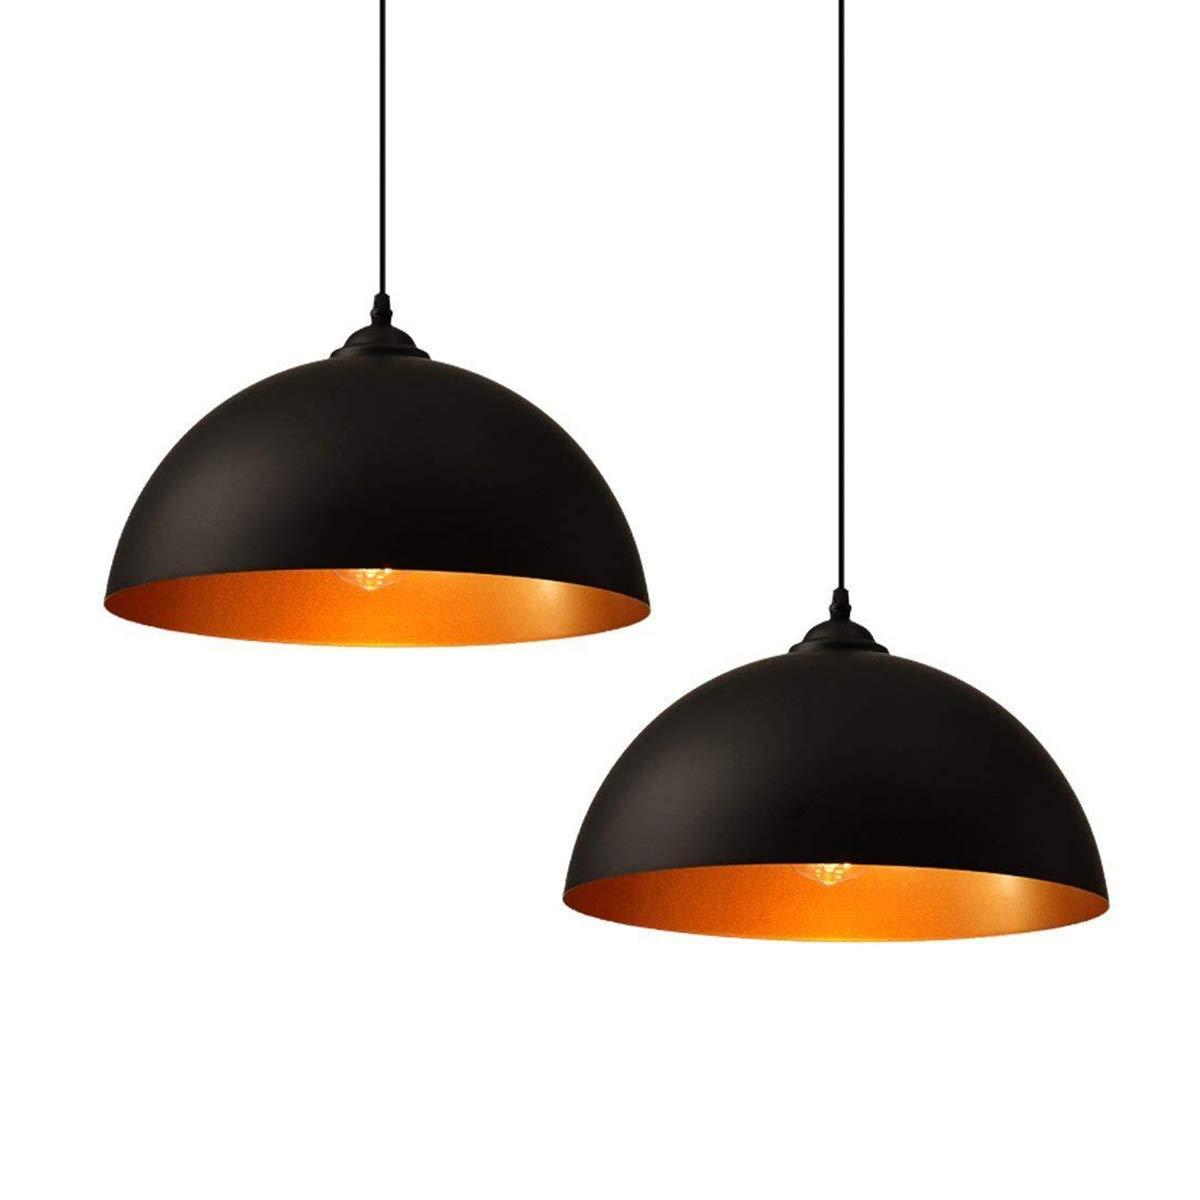 2x Suspension vintage, luminaires style industriell, Ø 350mm plafonnier vintage lot de, éclairage intérieur, lampe cuisine salon salle à manger chambre, noir, 230V, E27 Ampoule ZOOVQI